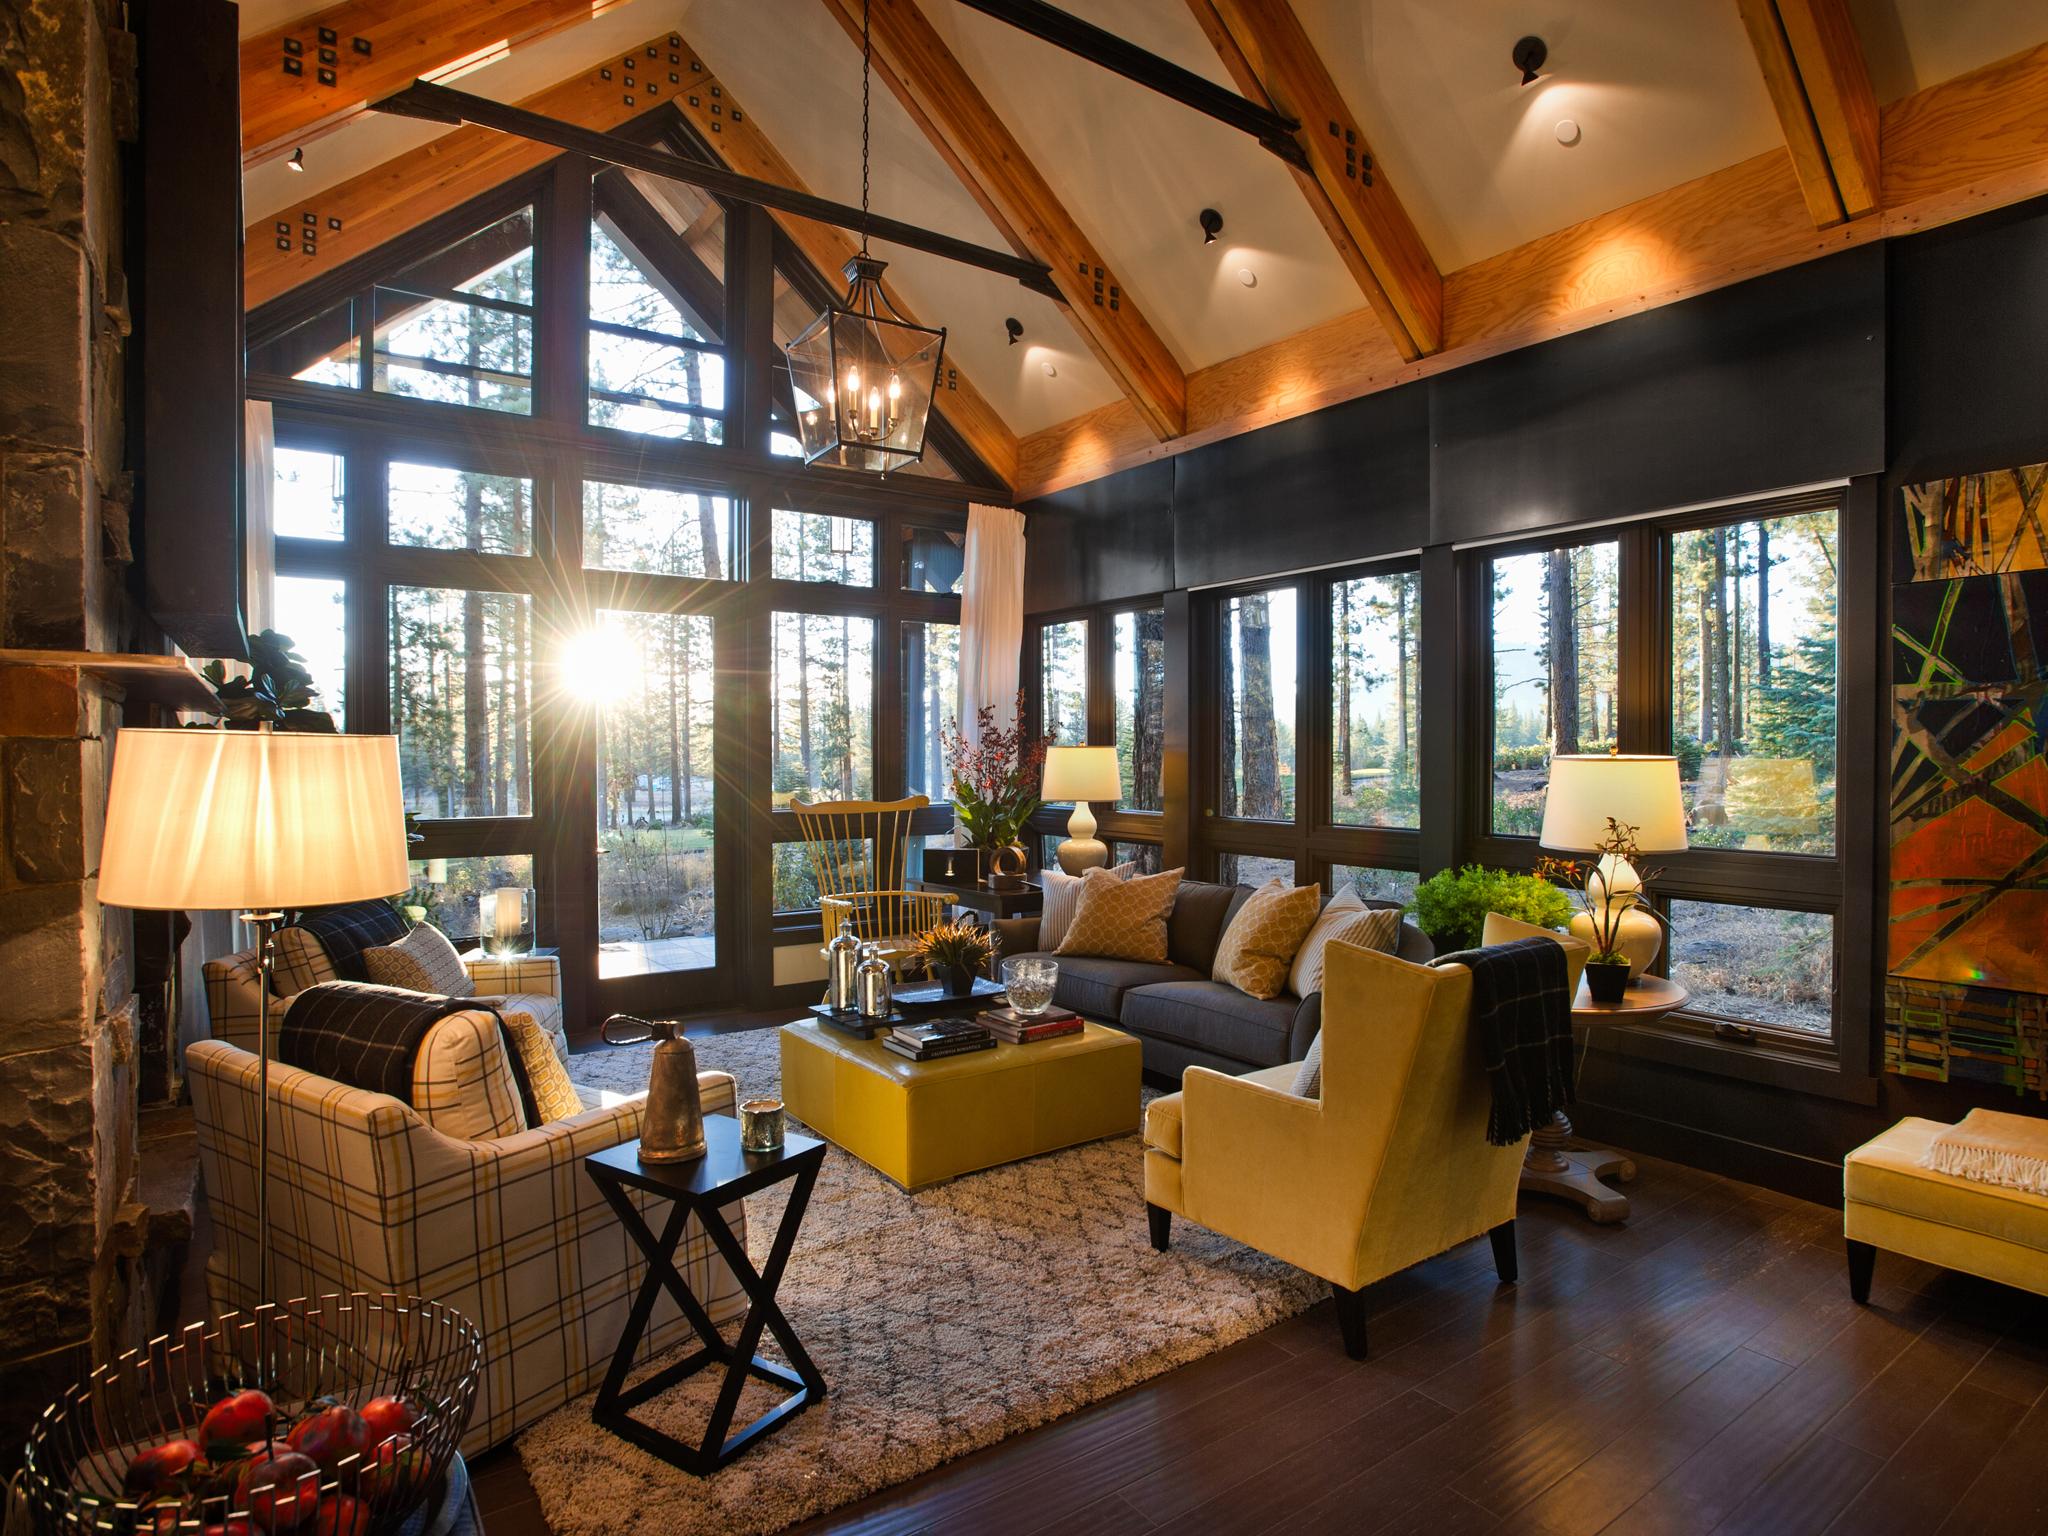 Rustic Living Room Ideas - HomesFeed on Living Room Style Ideas  id=11206